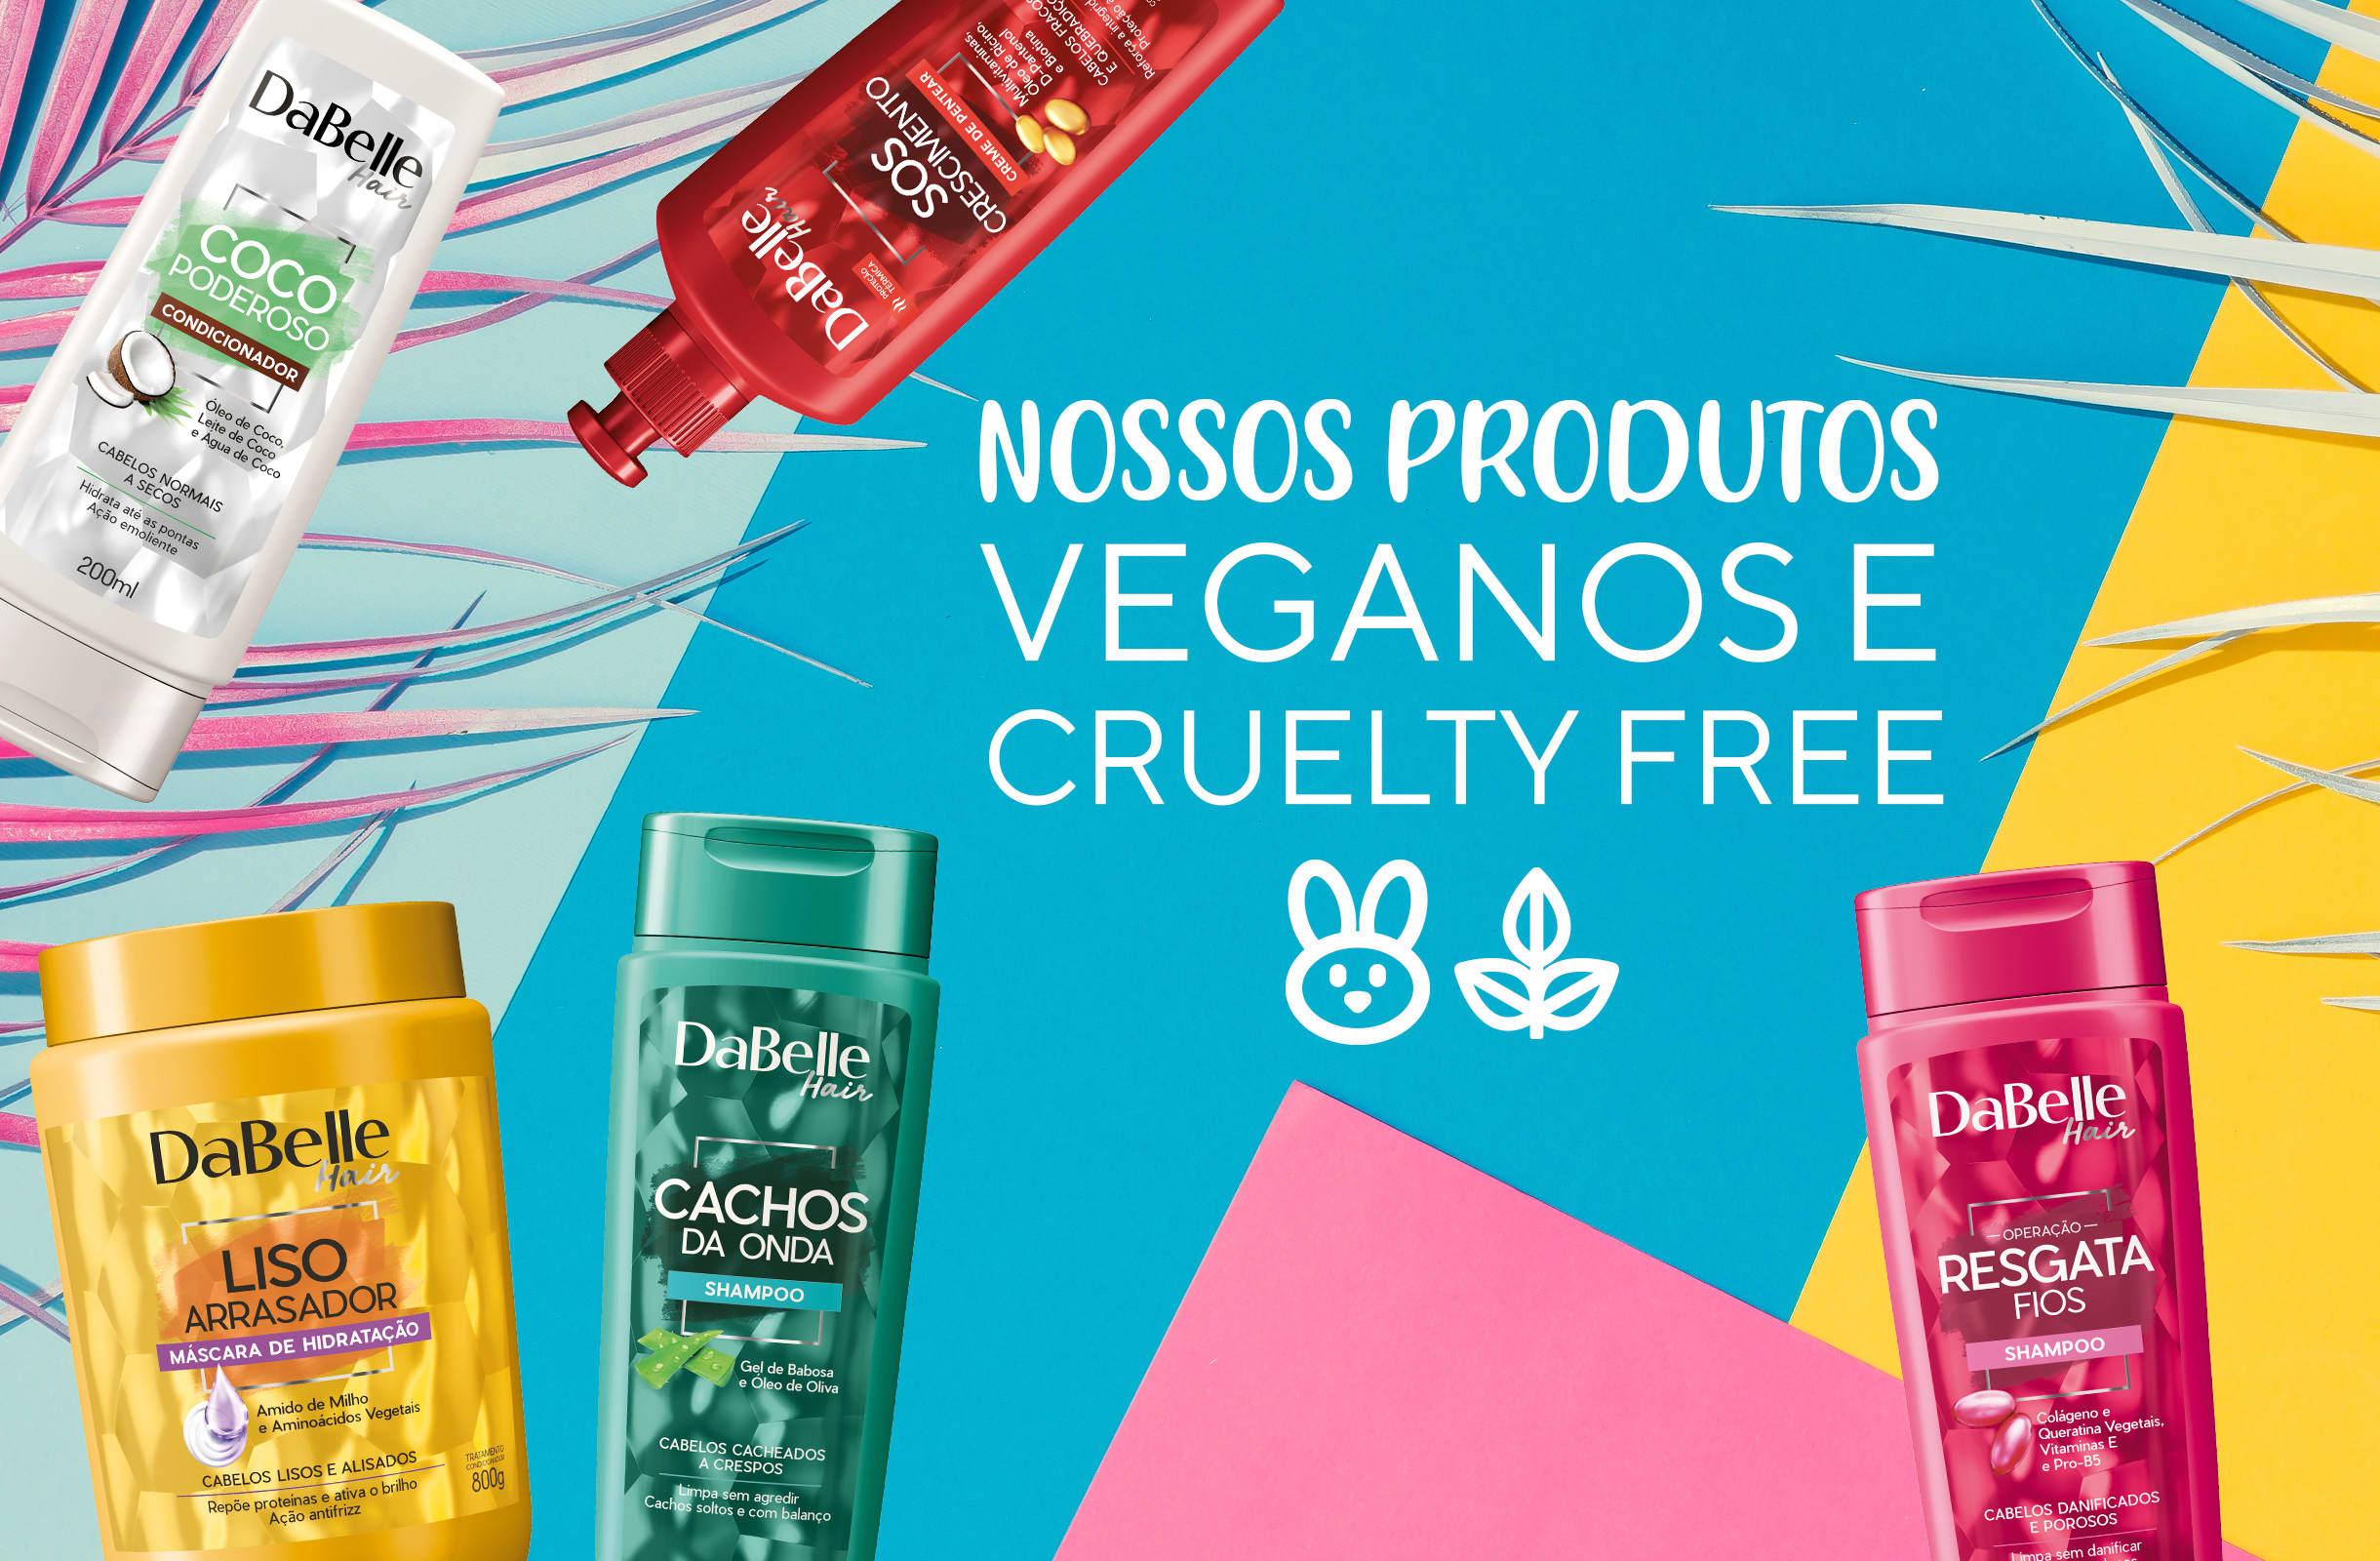 Conheça nossos produtos veganos